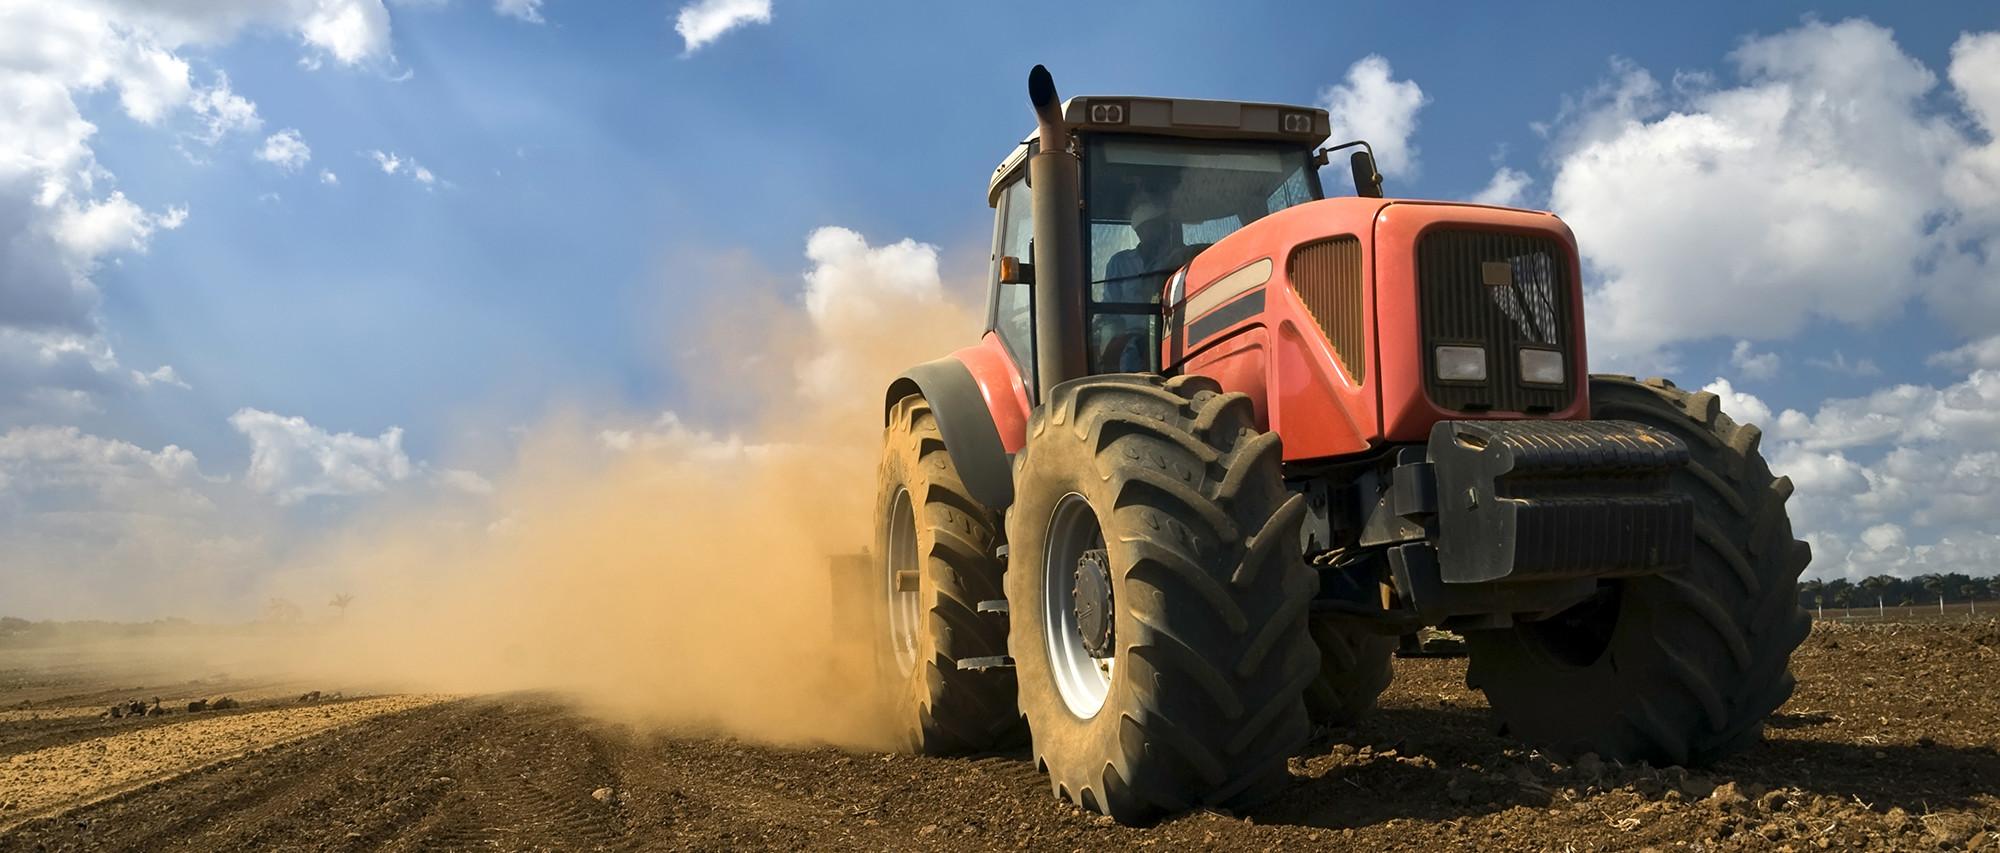 Máquinas agrícolas, tratores e segurança rodoviária